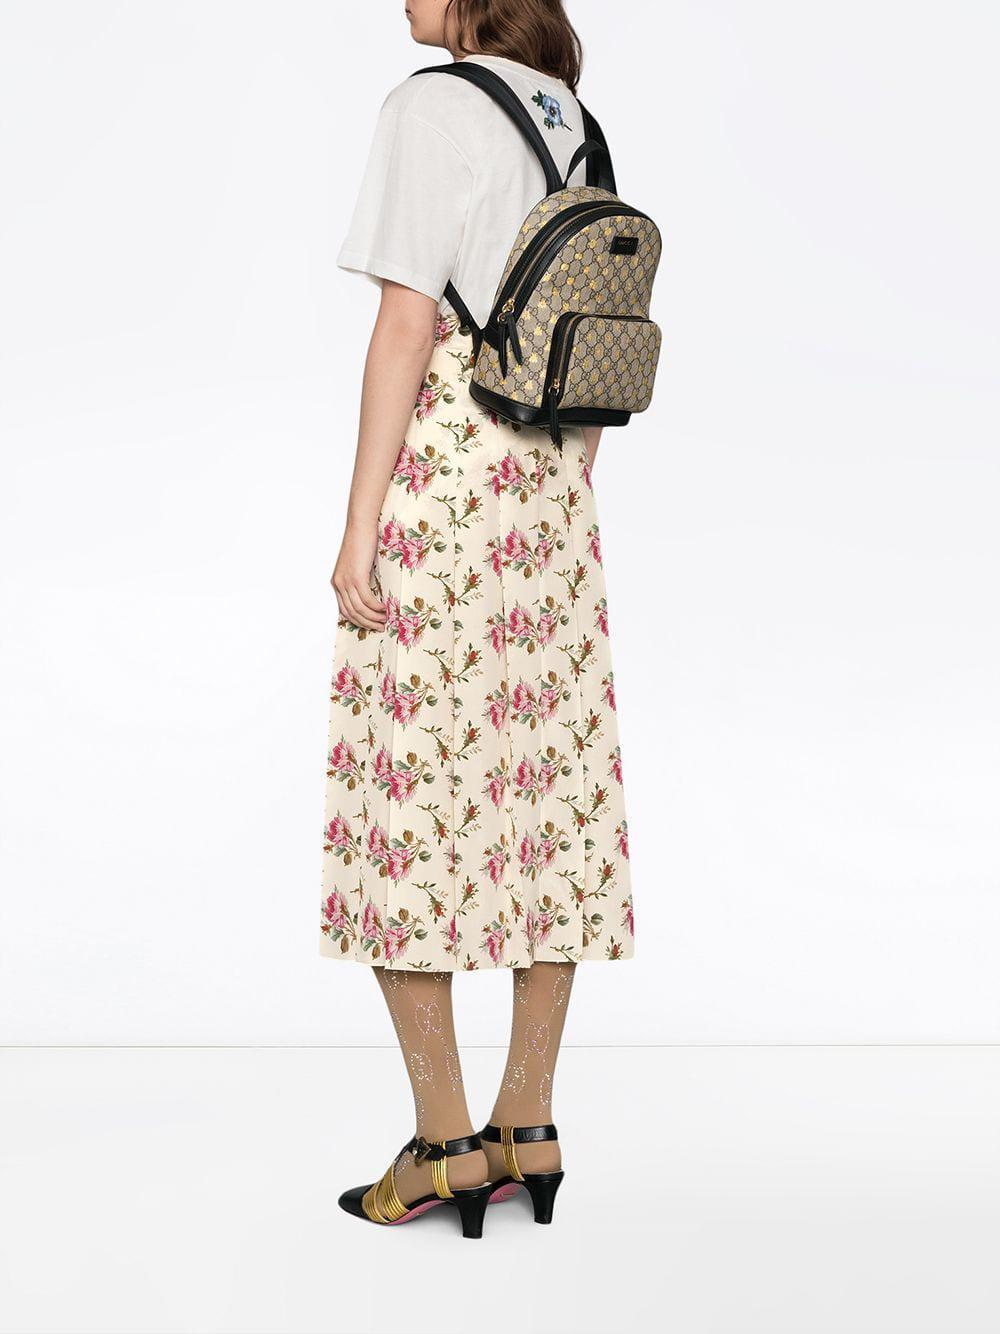 Lyst - Gucci GG Supreme Bees Backpack in Black 4539cbe6e4e36